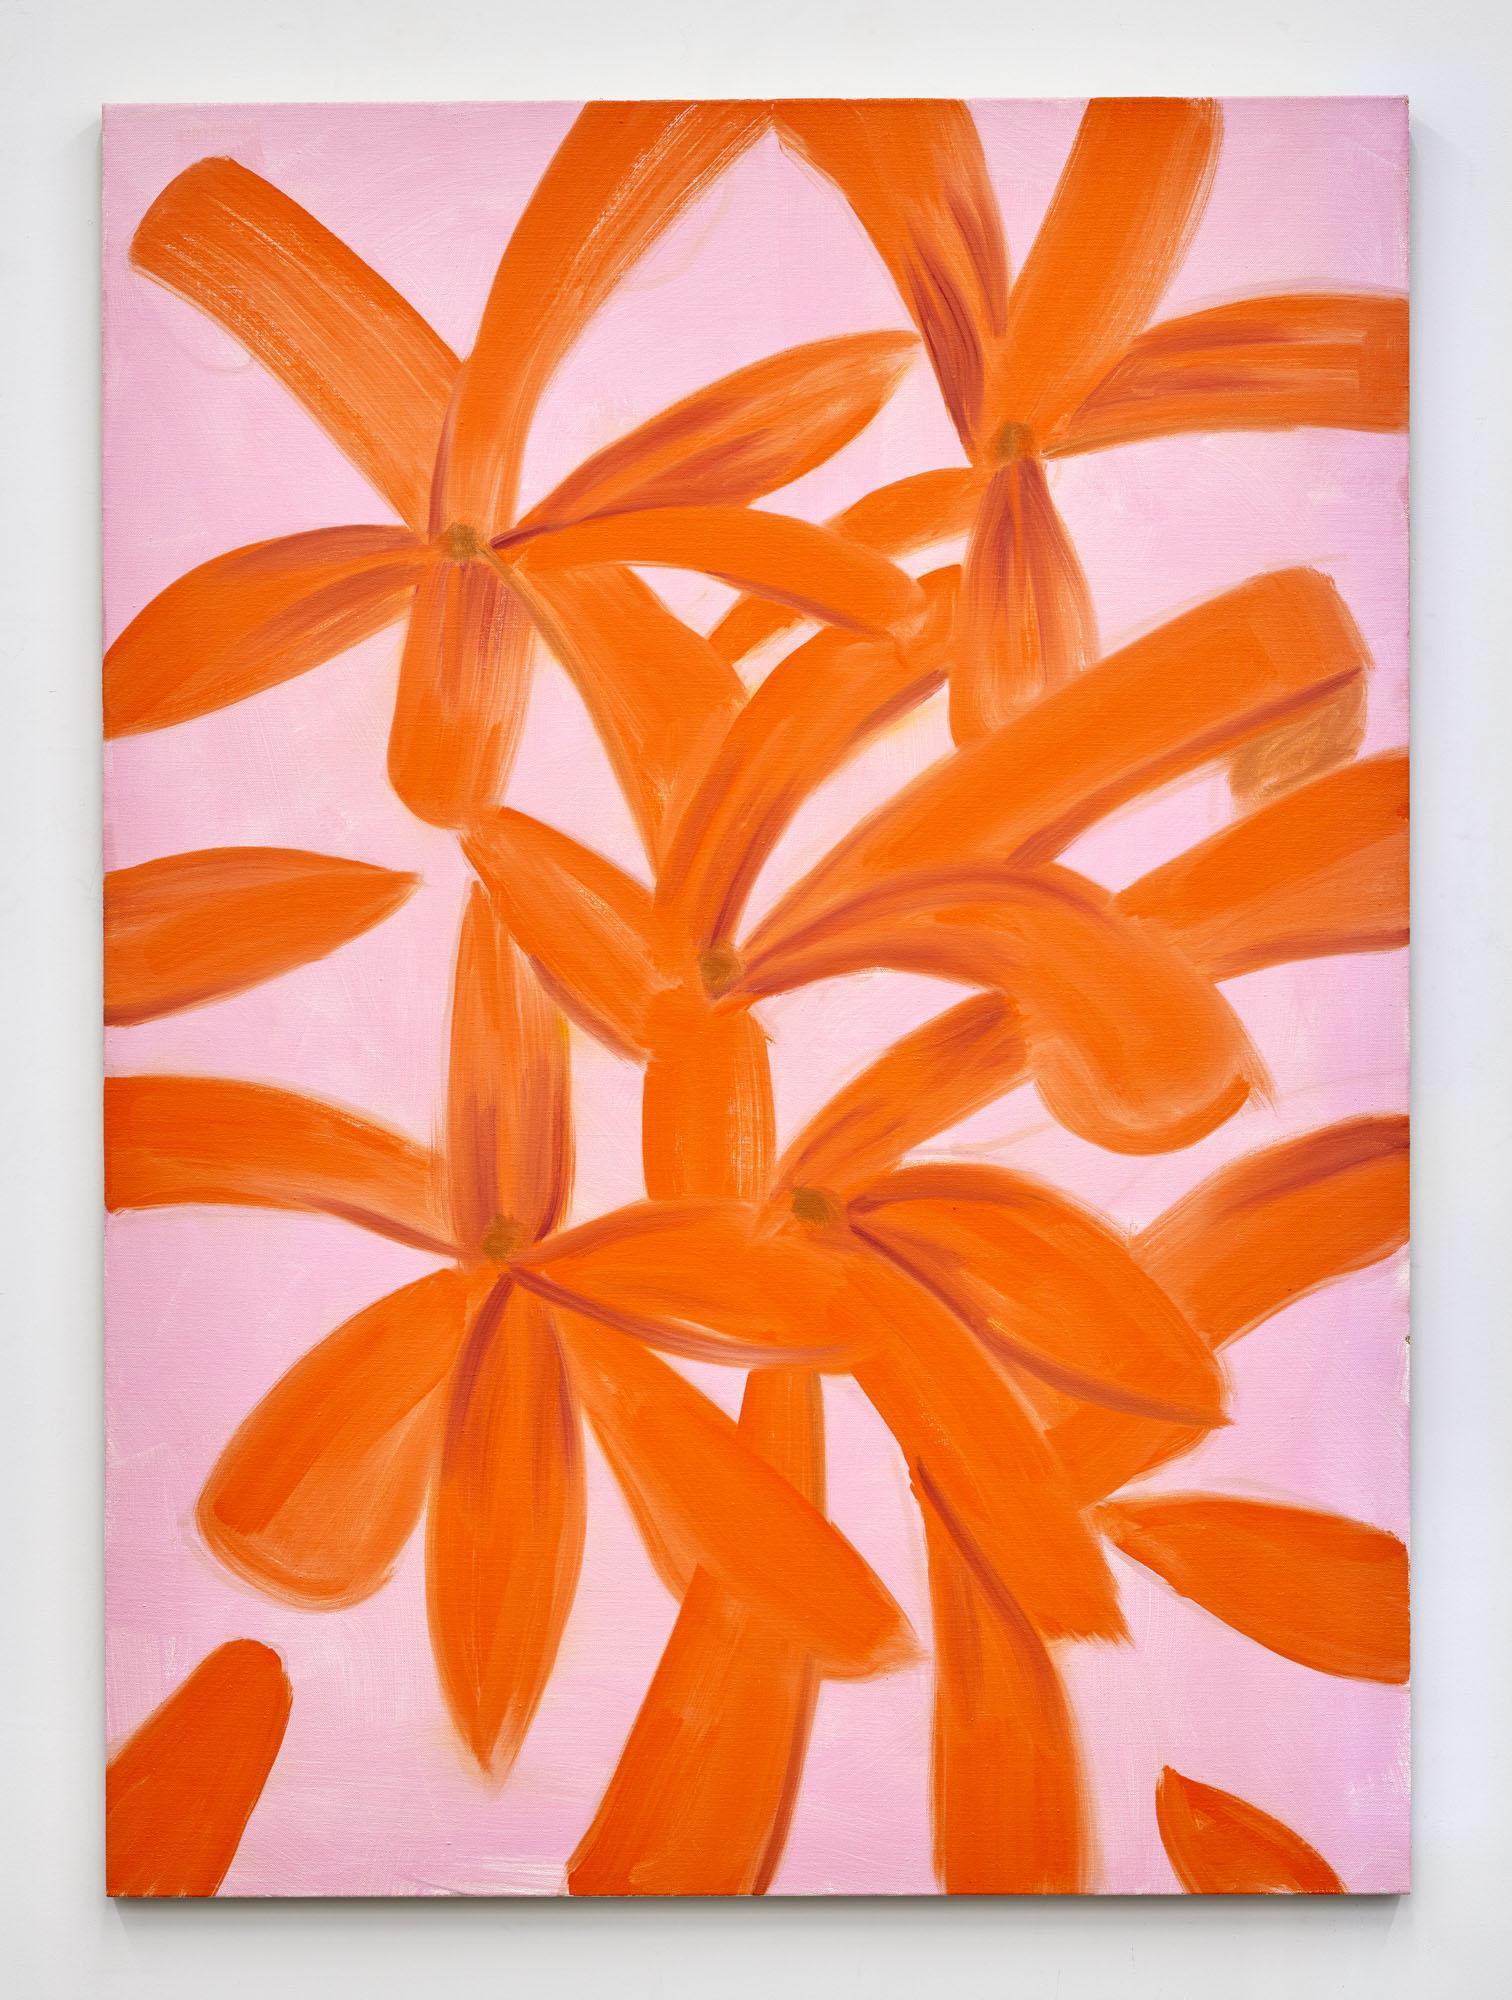 Alex Katz,/Untitled, orange-pink/, 2019, oil on linen,167.64 × 121.92 cm